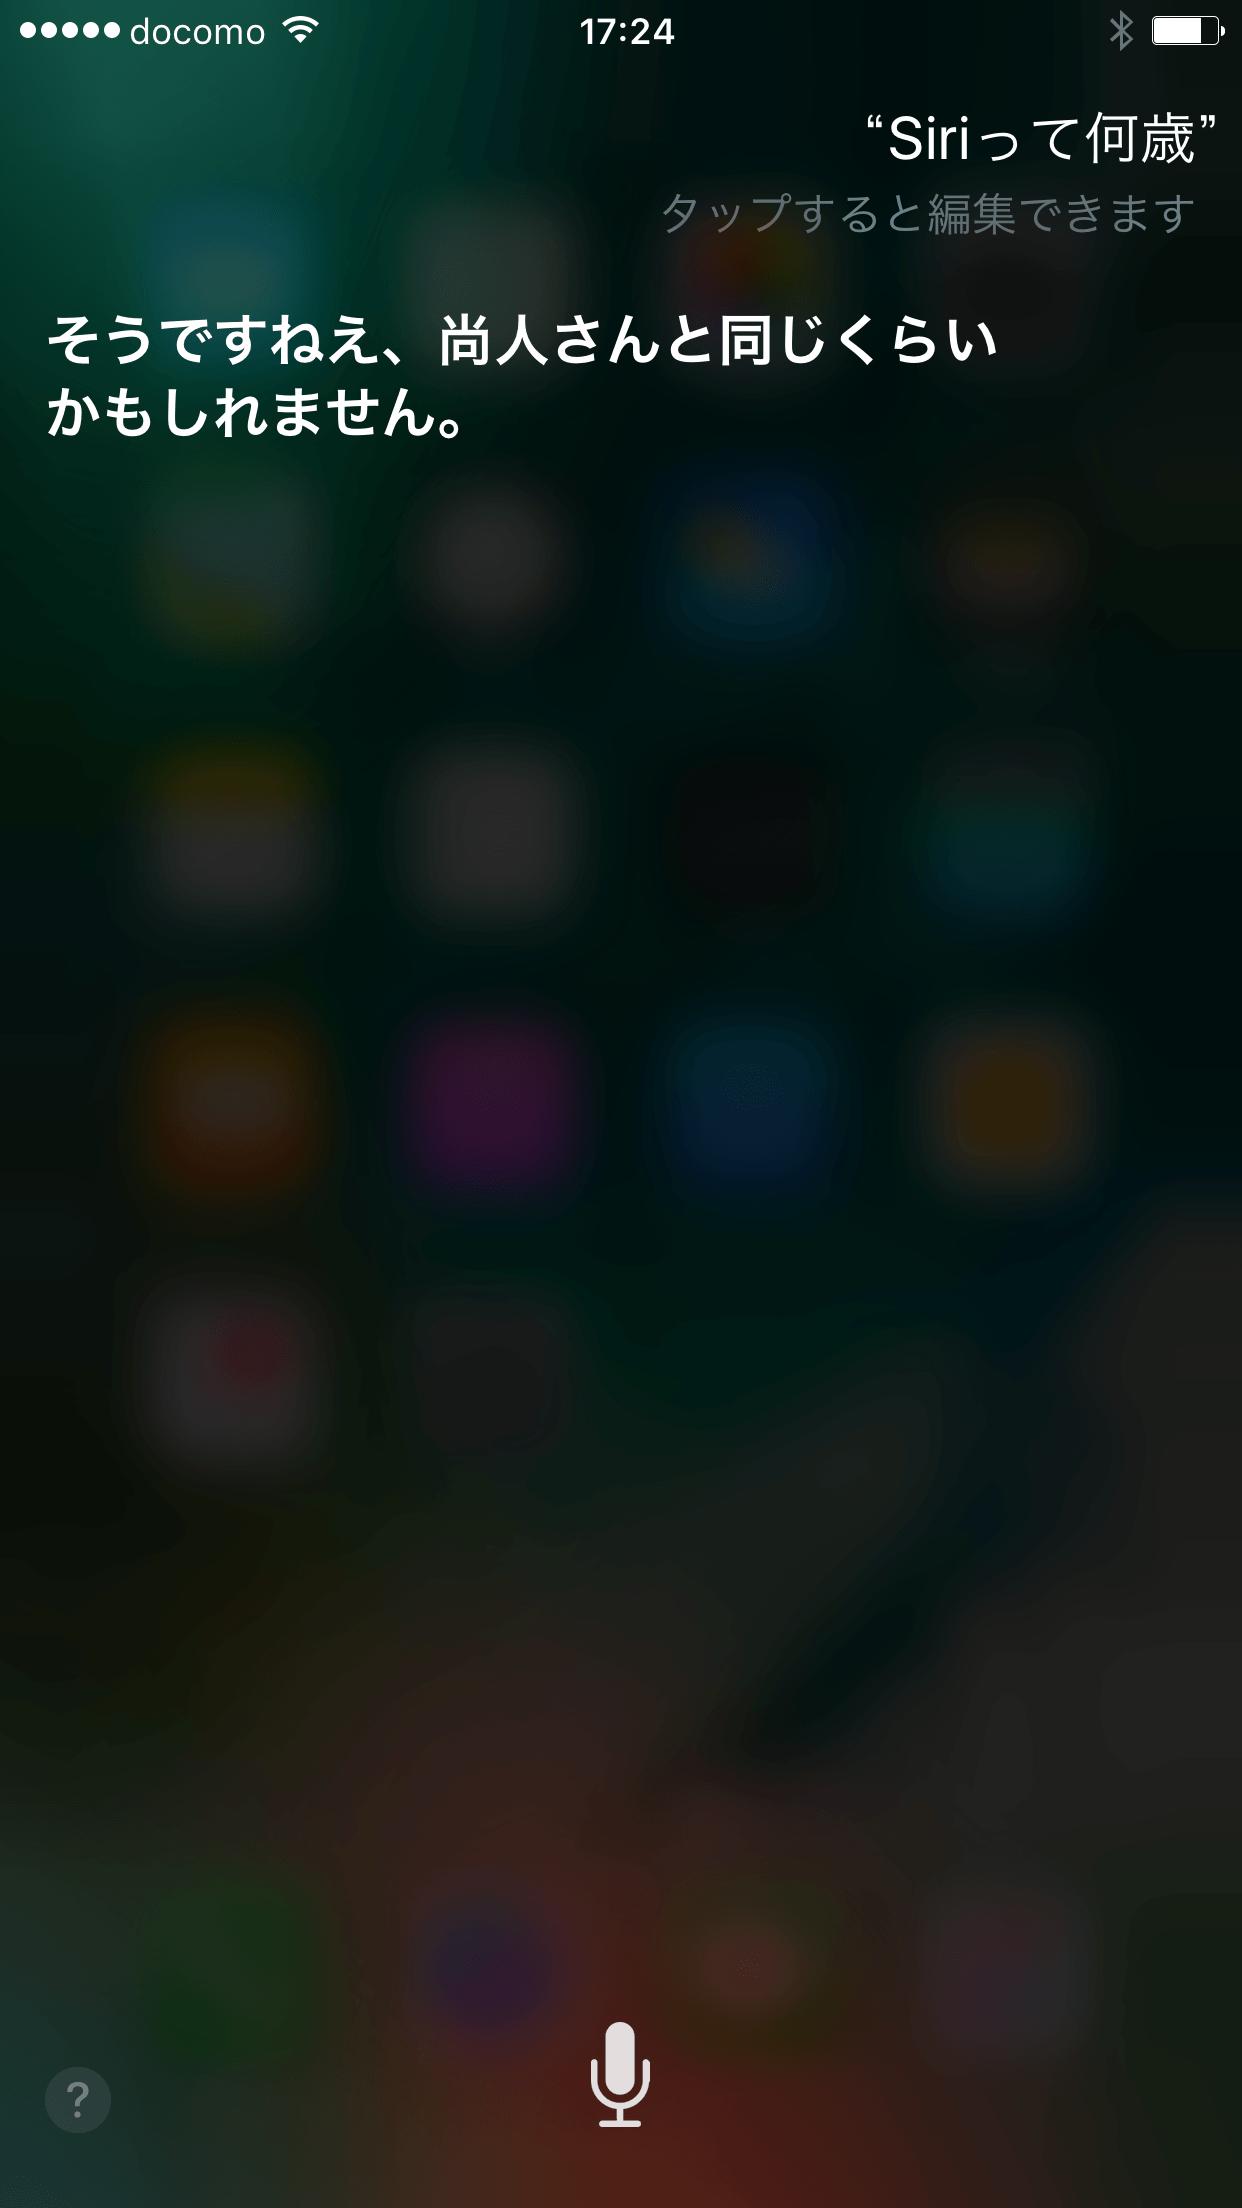 Siriに自分の名前を覚えてもらう方法